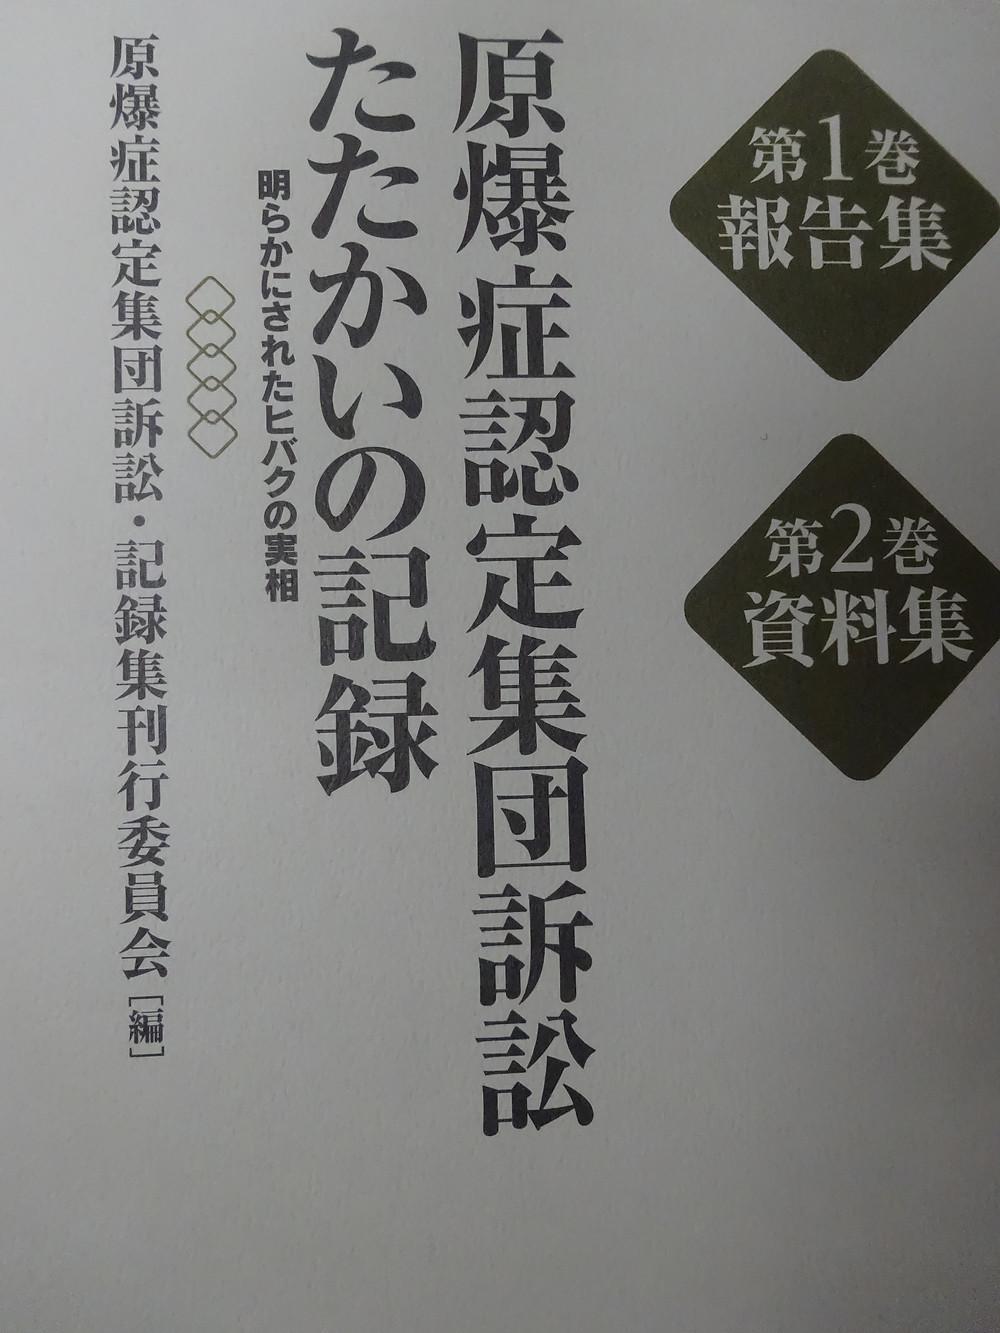 原発症認定集団訴訟たたかいの記録(第1巻報告集)(第2巻資料集).JPG